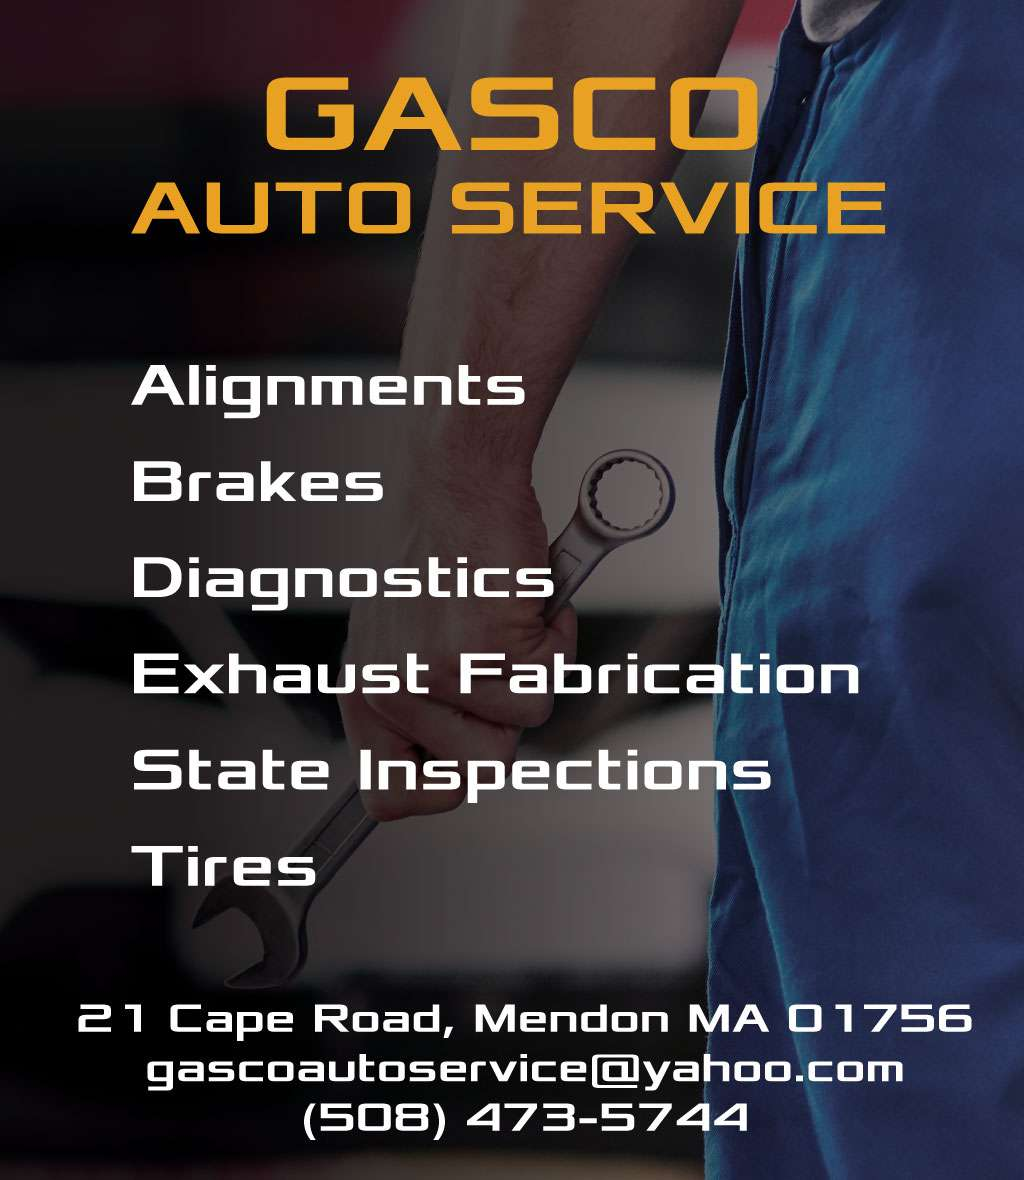 Gasco Auto Service